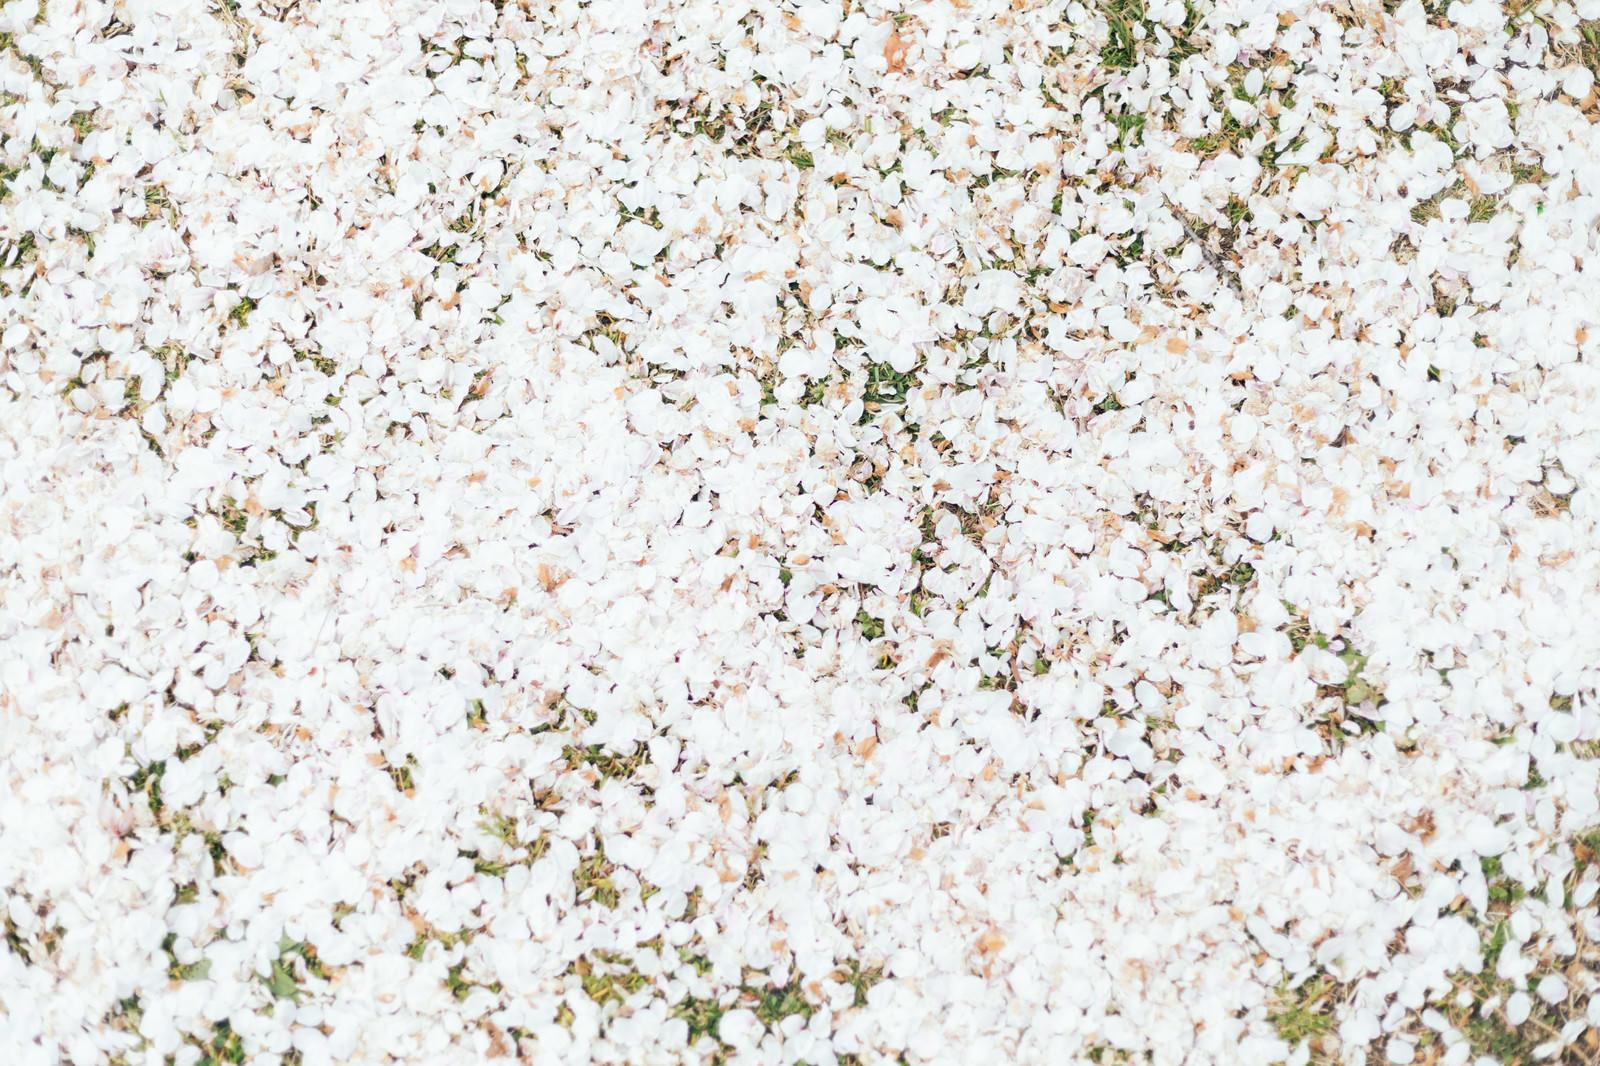 「散り行く桜の絨毯」の写真